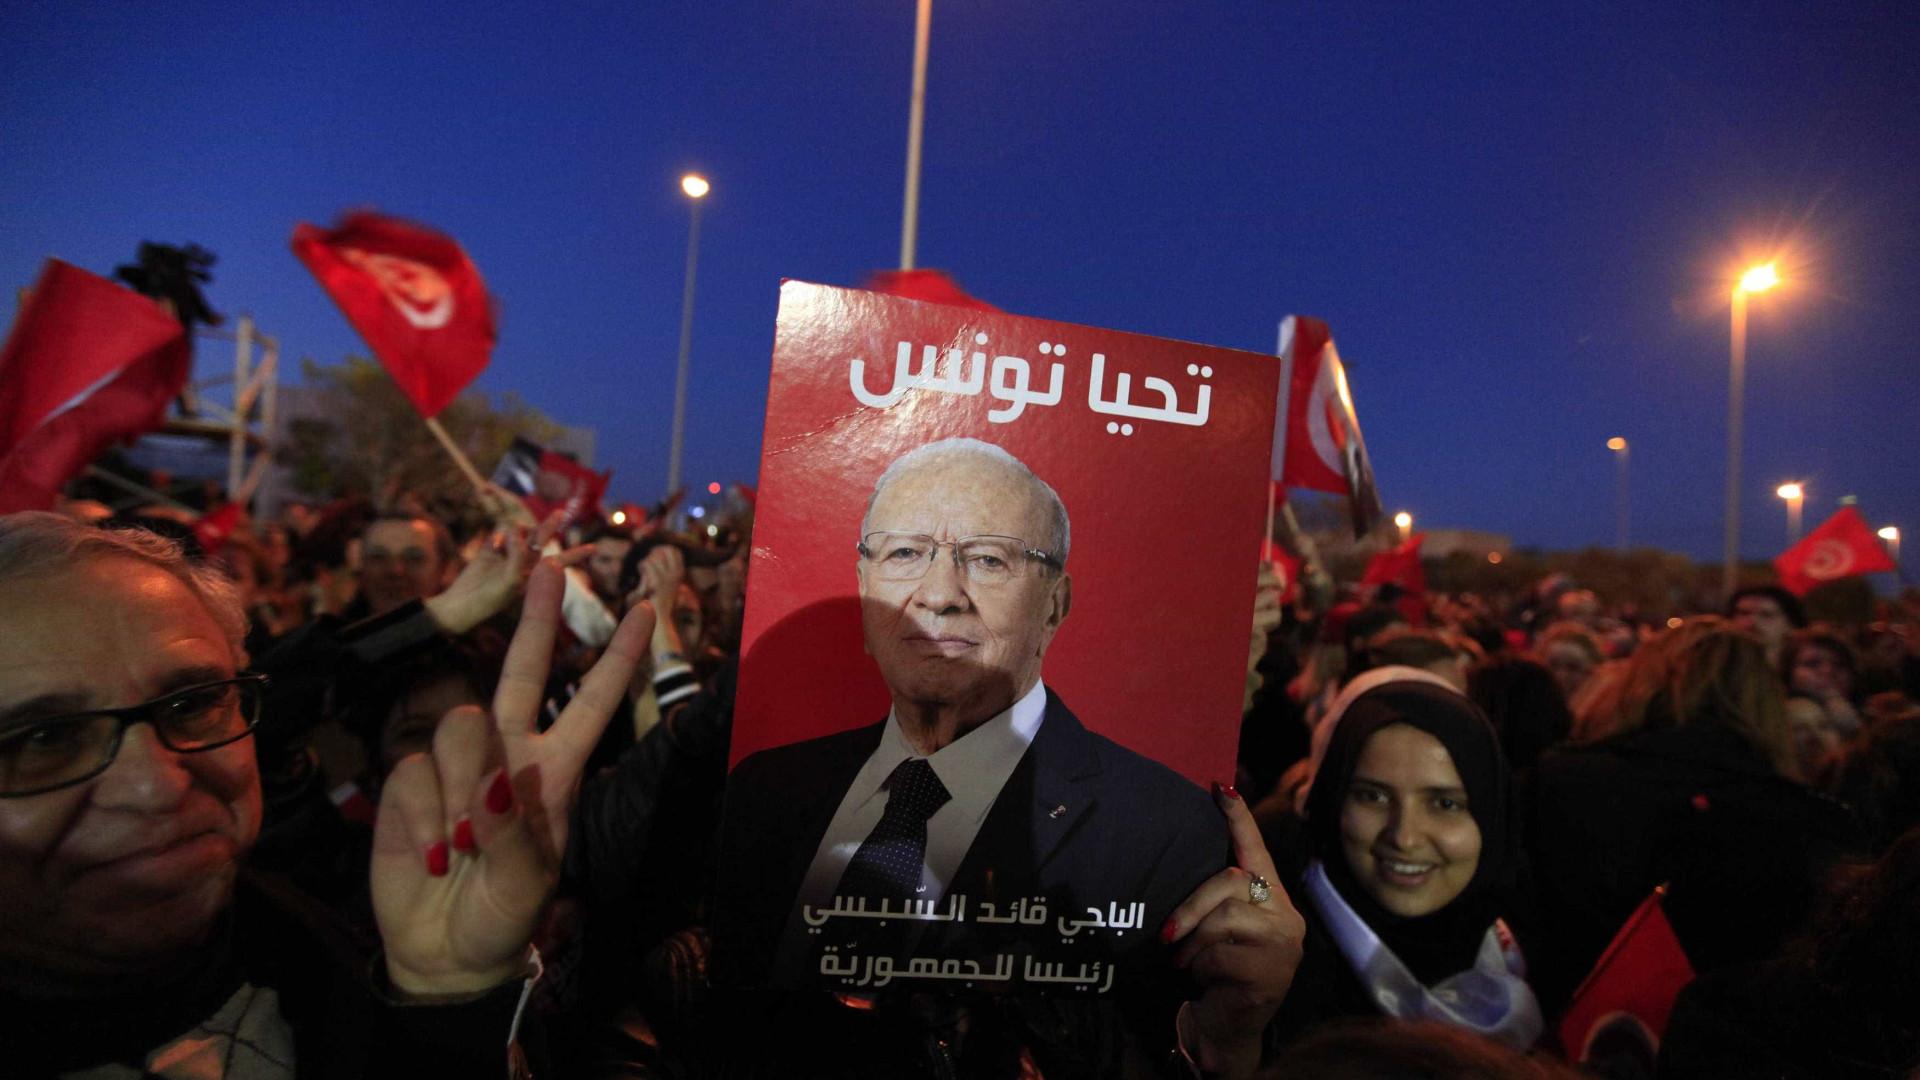 Tunísia aprova lei que amnistia pessoas envolvidas em casos de corrupção